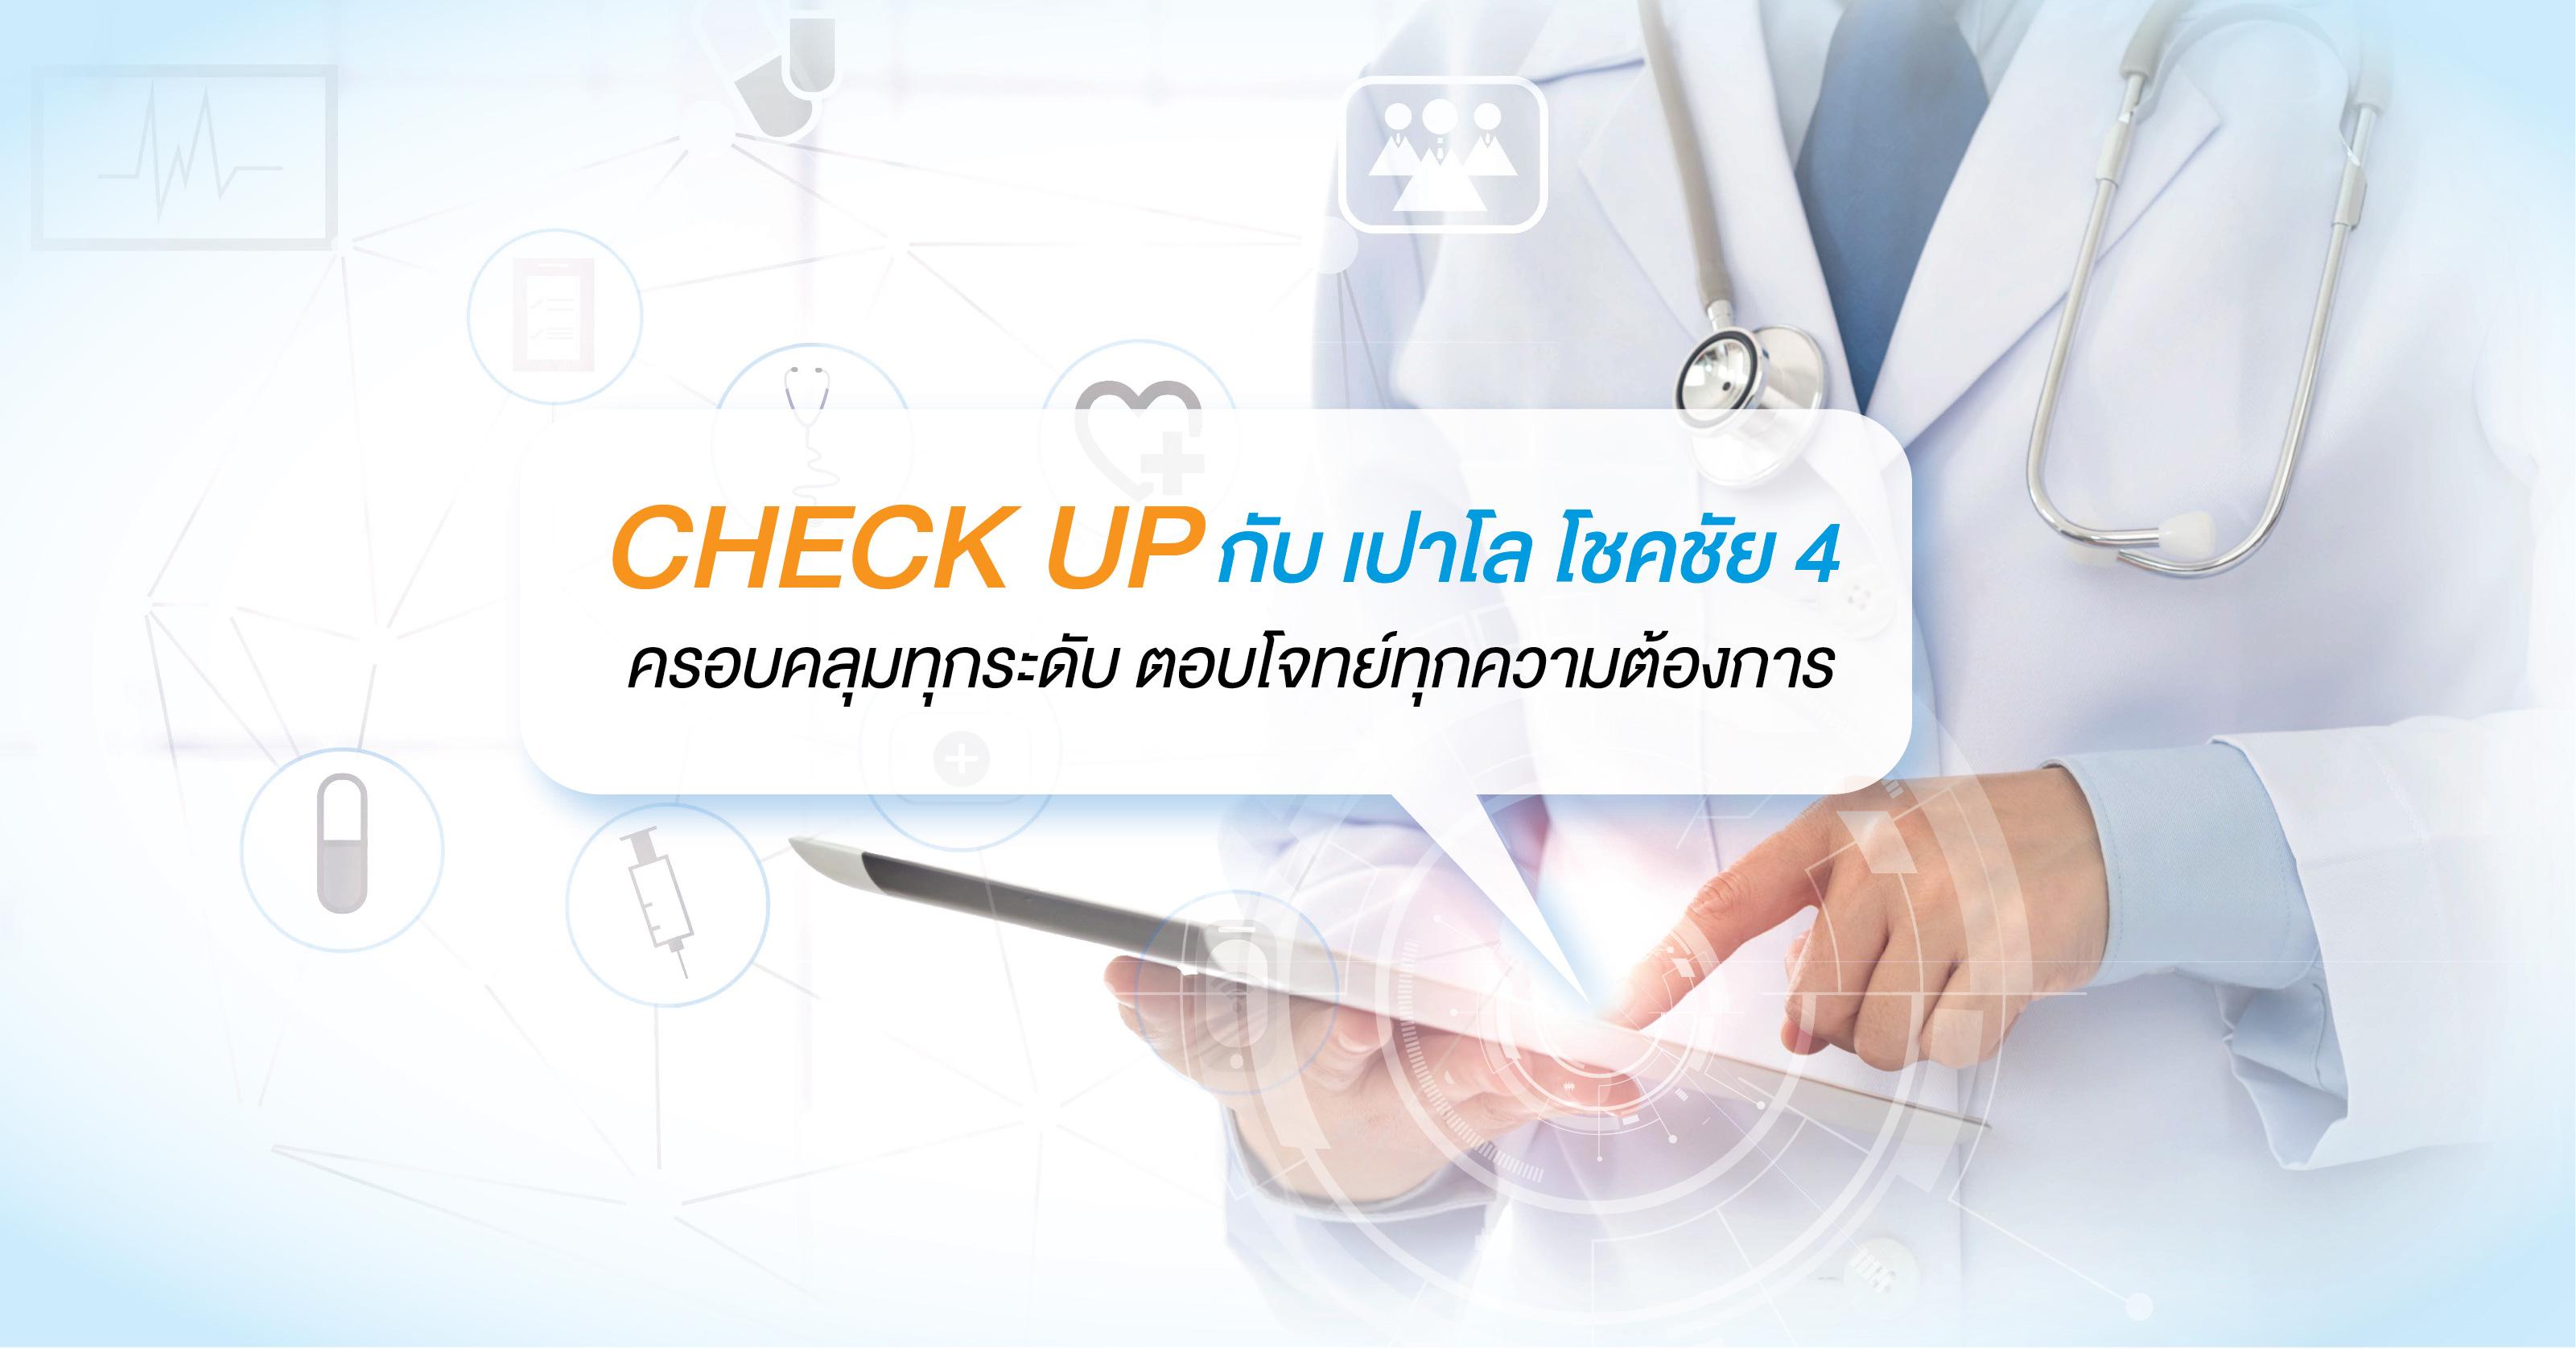 ตรวจสุขภาพ l Check up Center